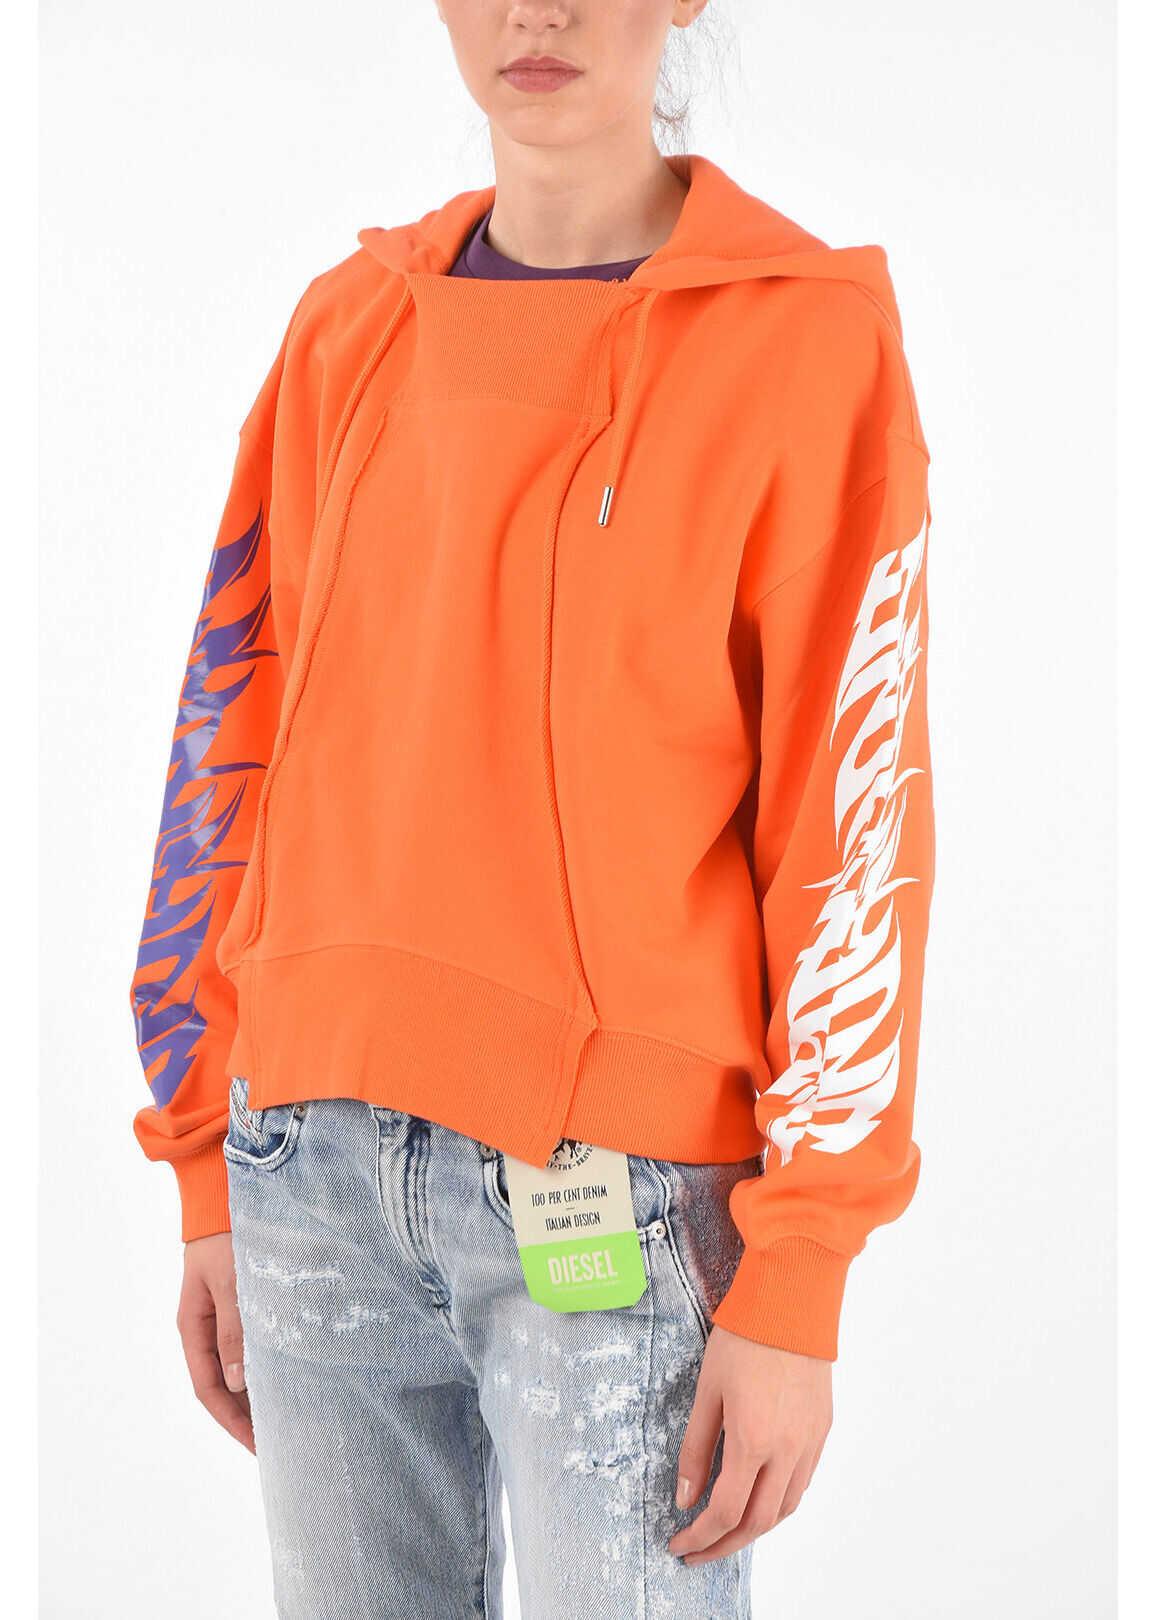 Diesel Hooded Kreen Sweatshirt Orange image0